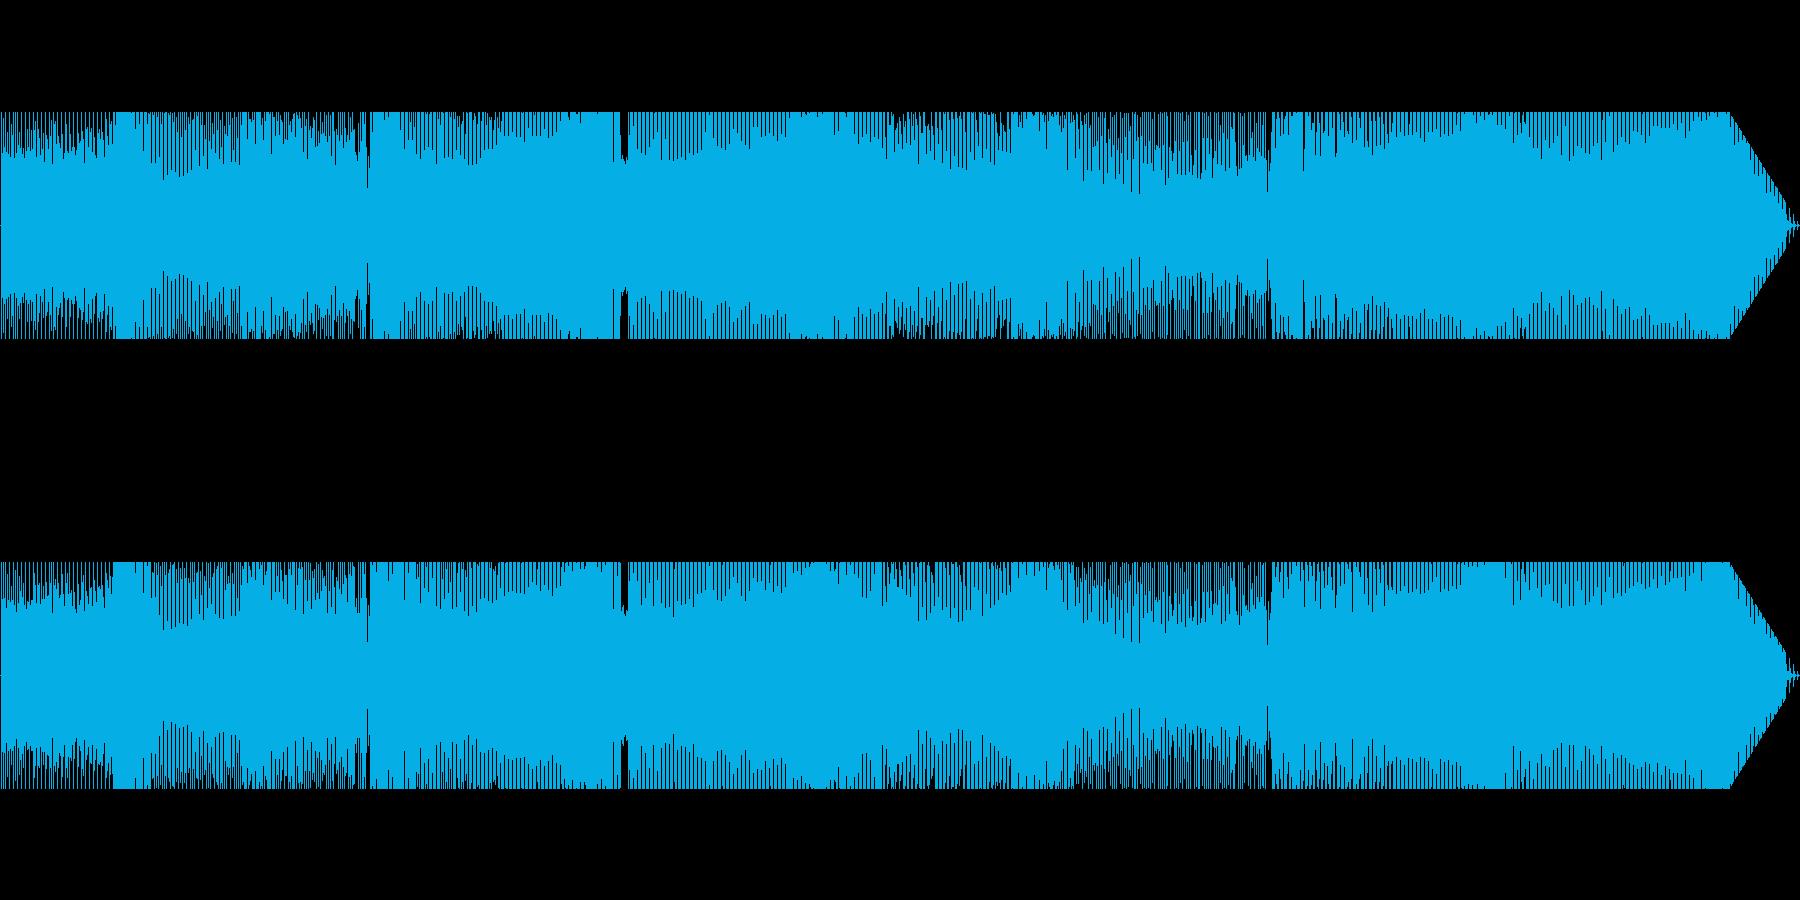 pop調で可愛らしいEDMの再生済みの波形